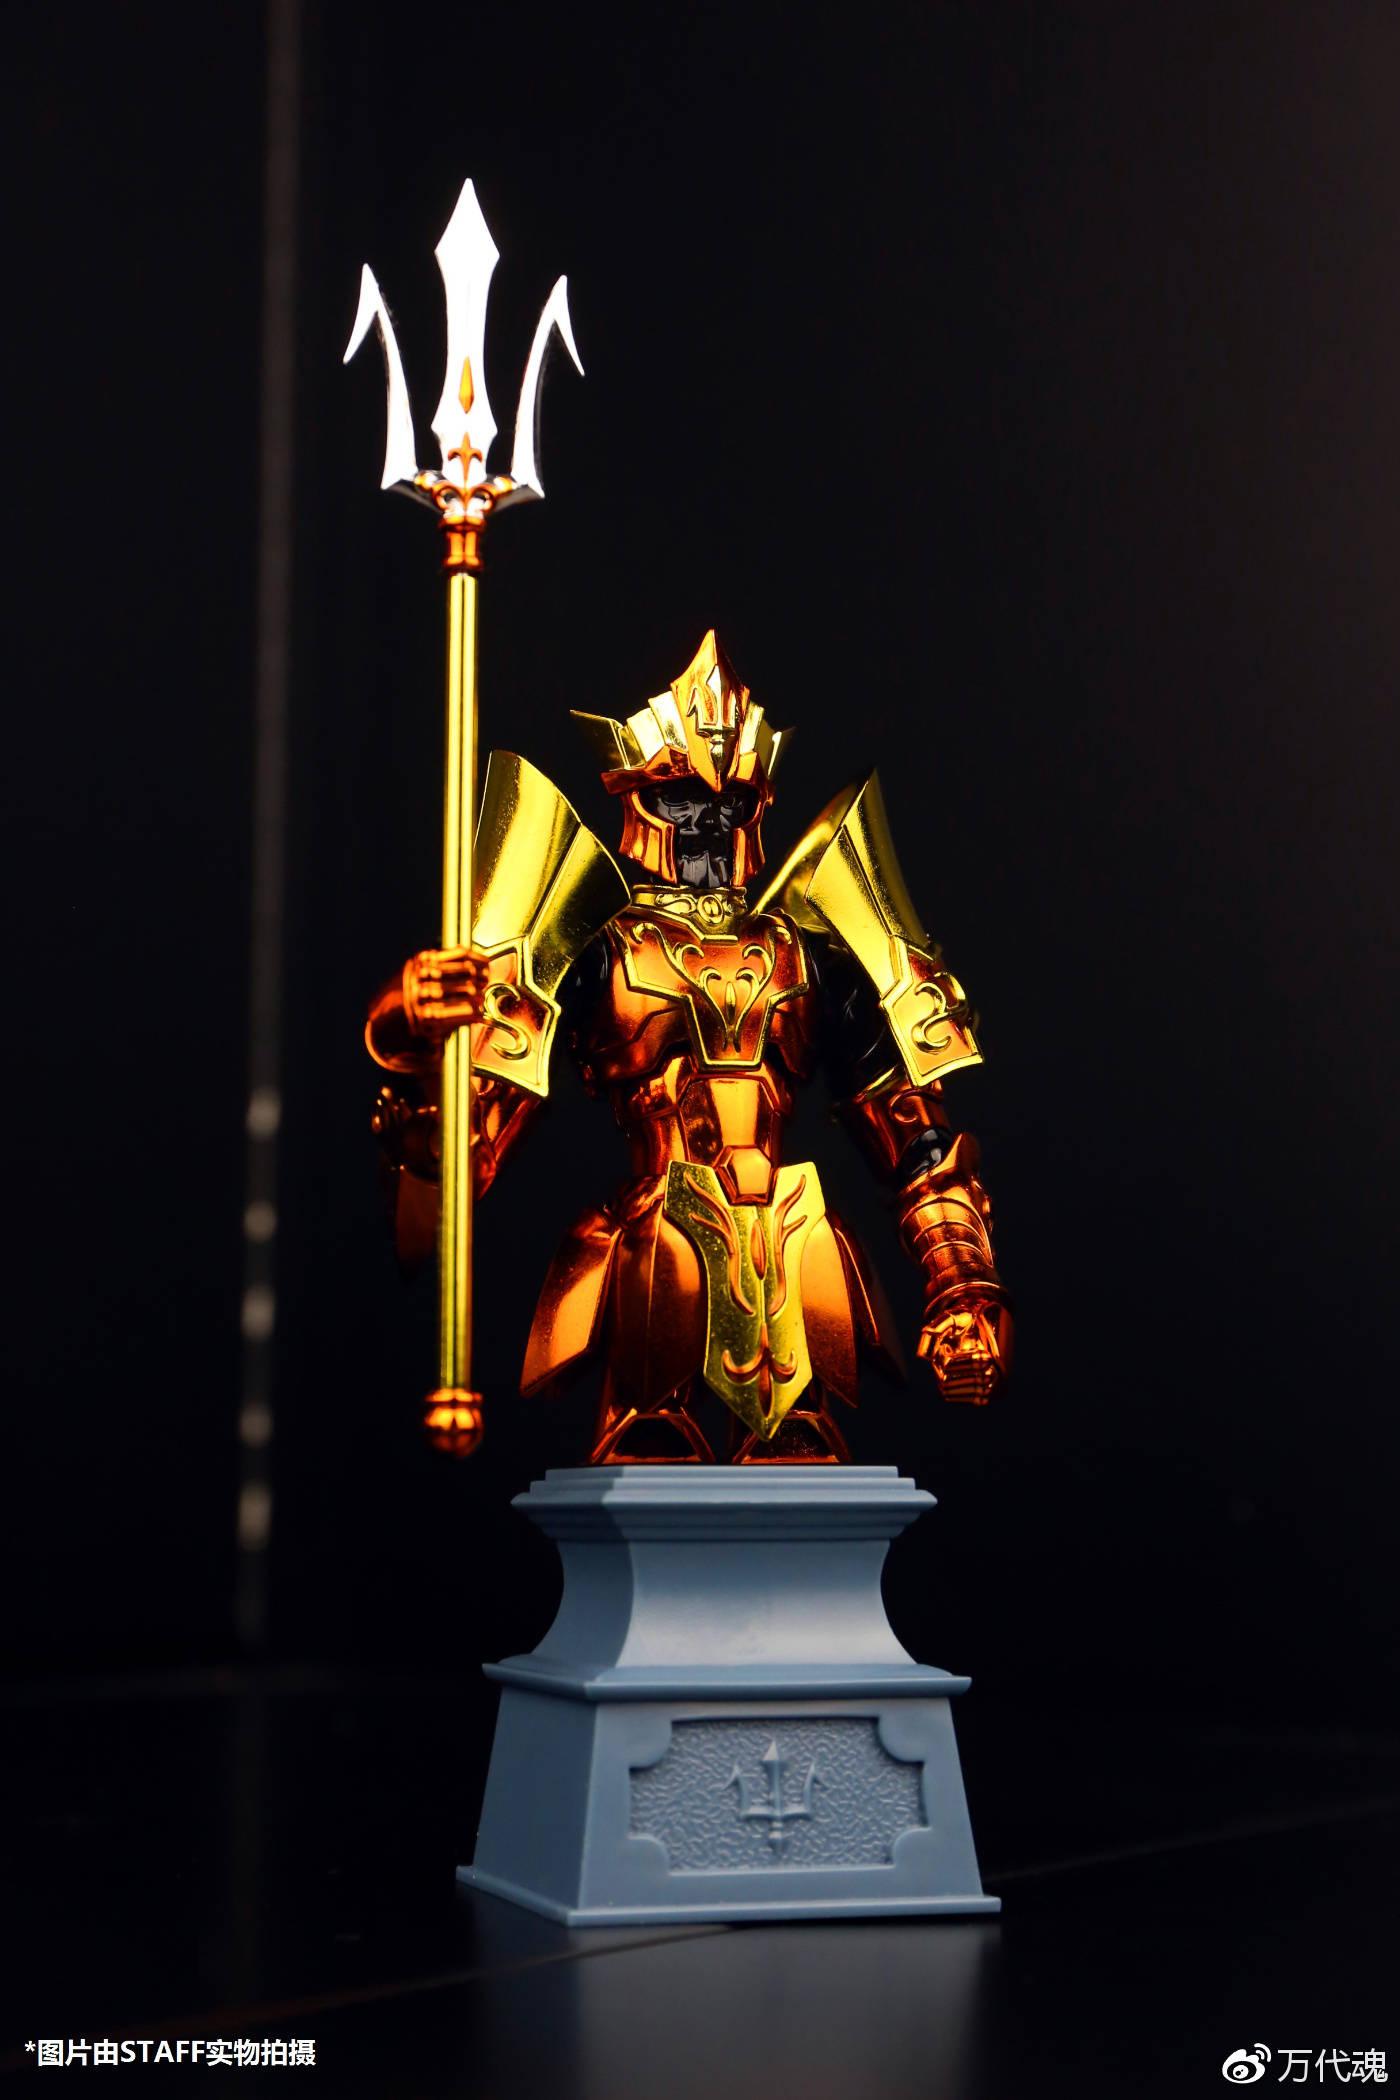 [Comentários] Saint Cloth Myth EX - Poseidon EX & Poseidon EX Imperial Throne Set - Página 2 F2WwG0Ia_o